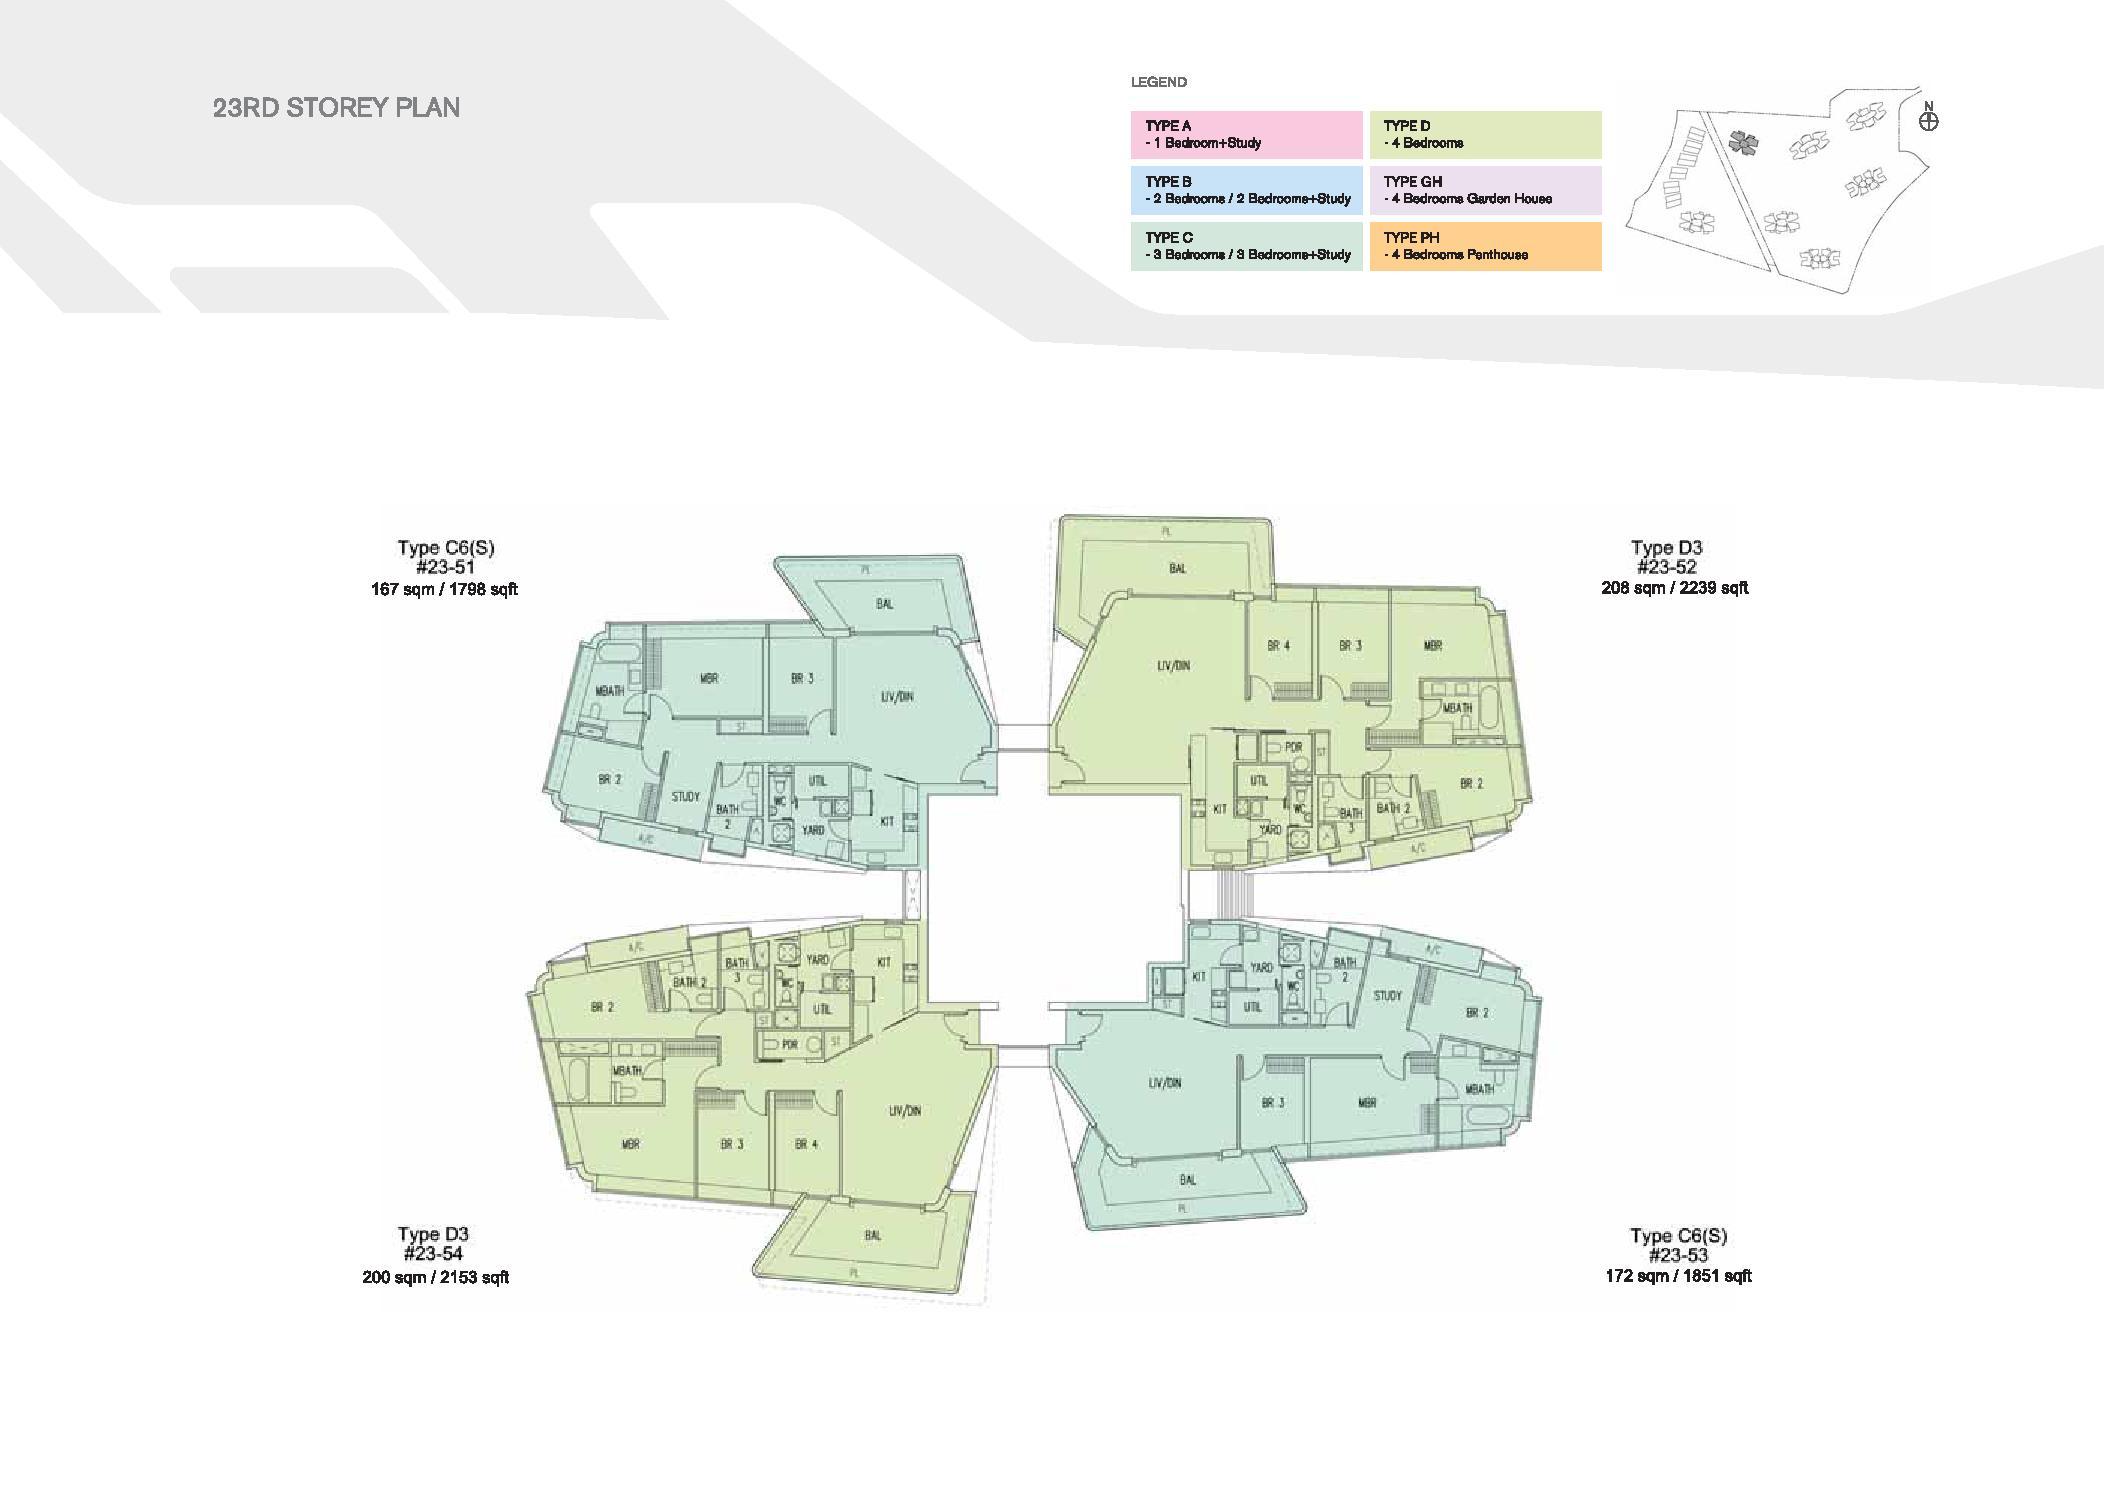 D'Leedon Block 15 23rd Storey Floor Plans